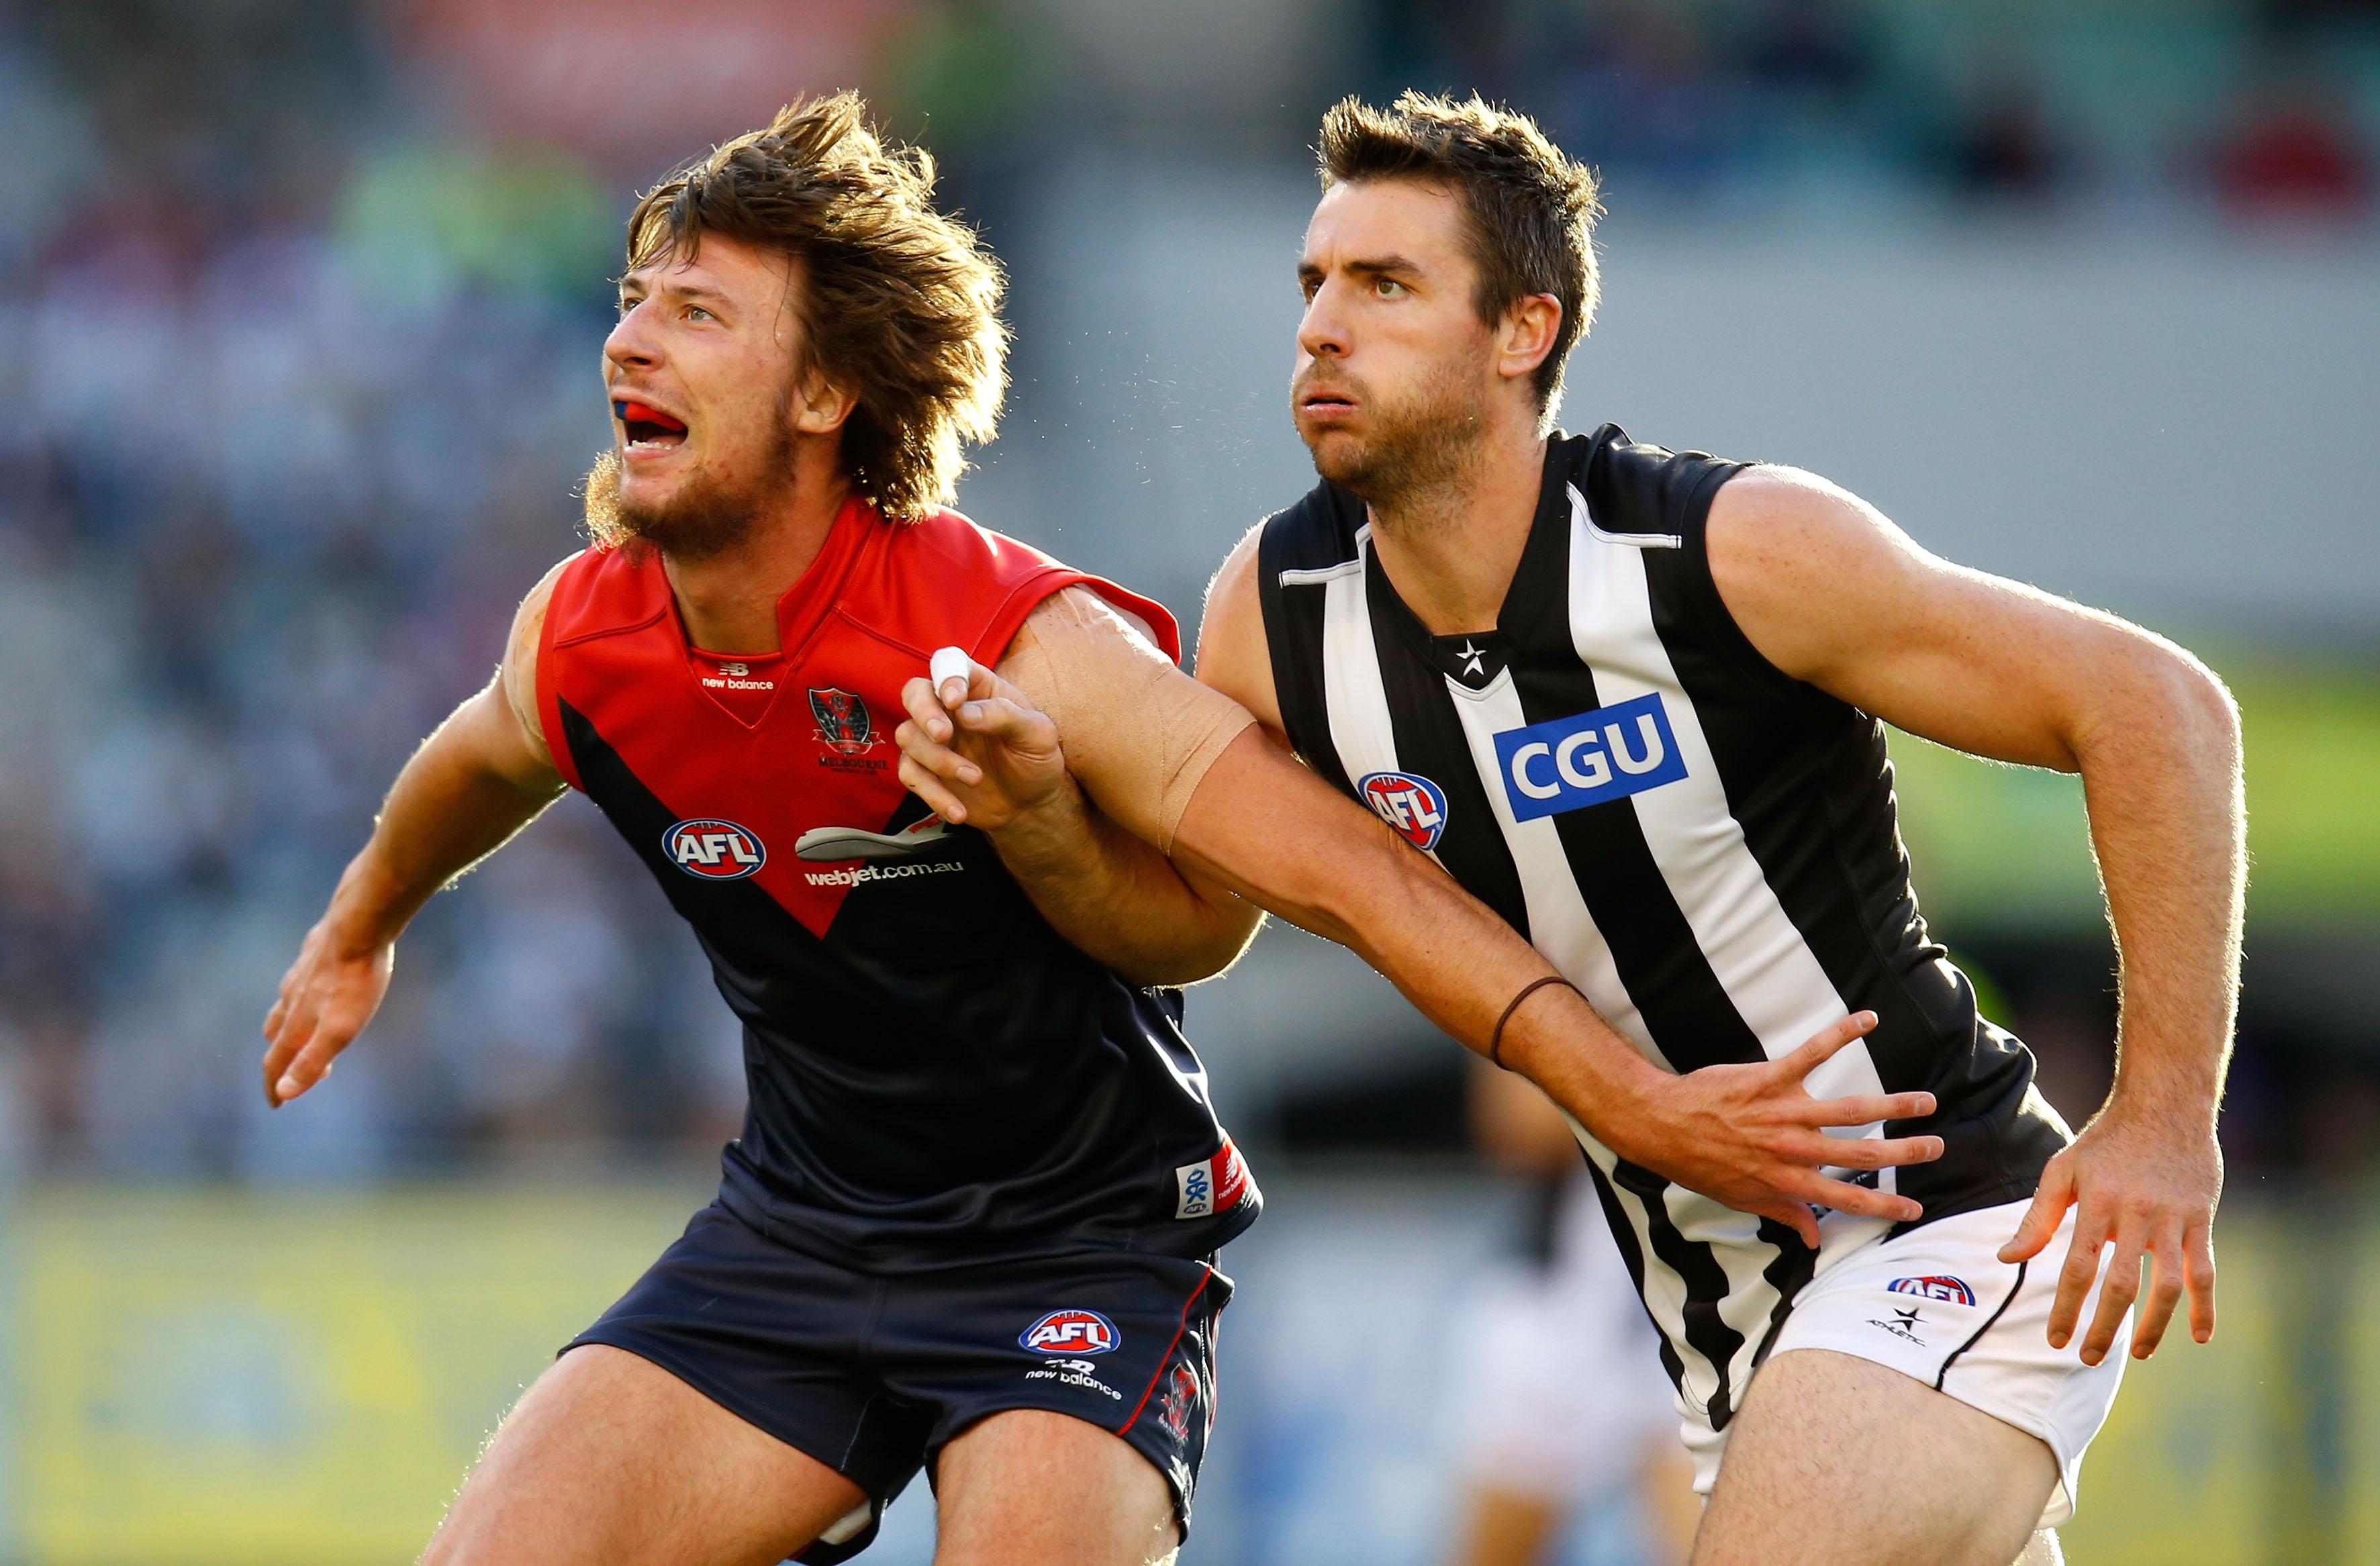 AFL 2013 Rd 11 - Melbourne v Collingwood